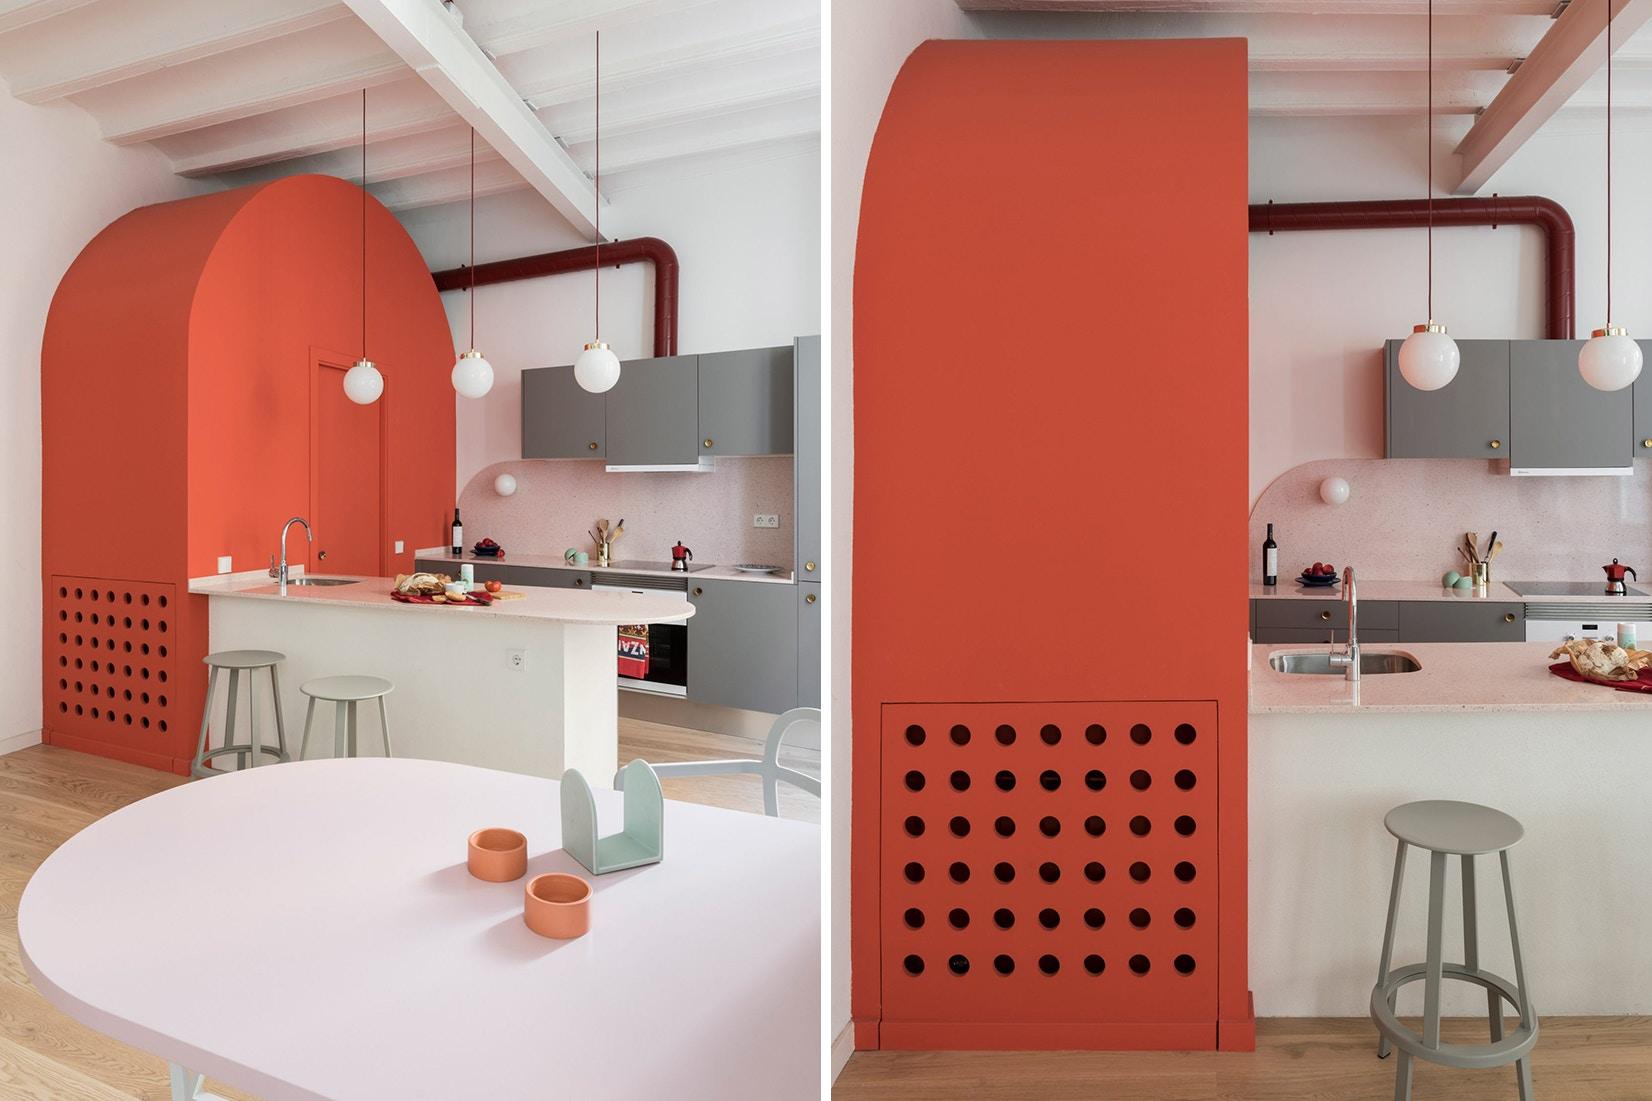 colombo-serboli-architecture-barcelona-apartment-1